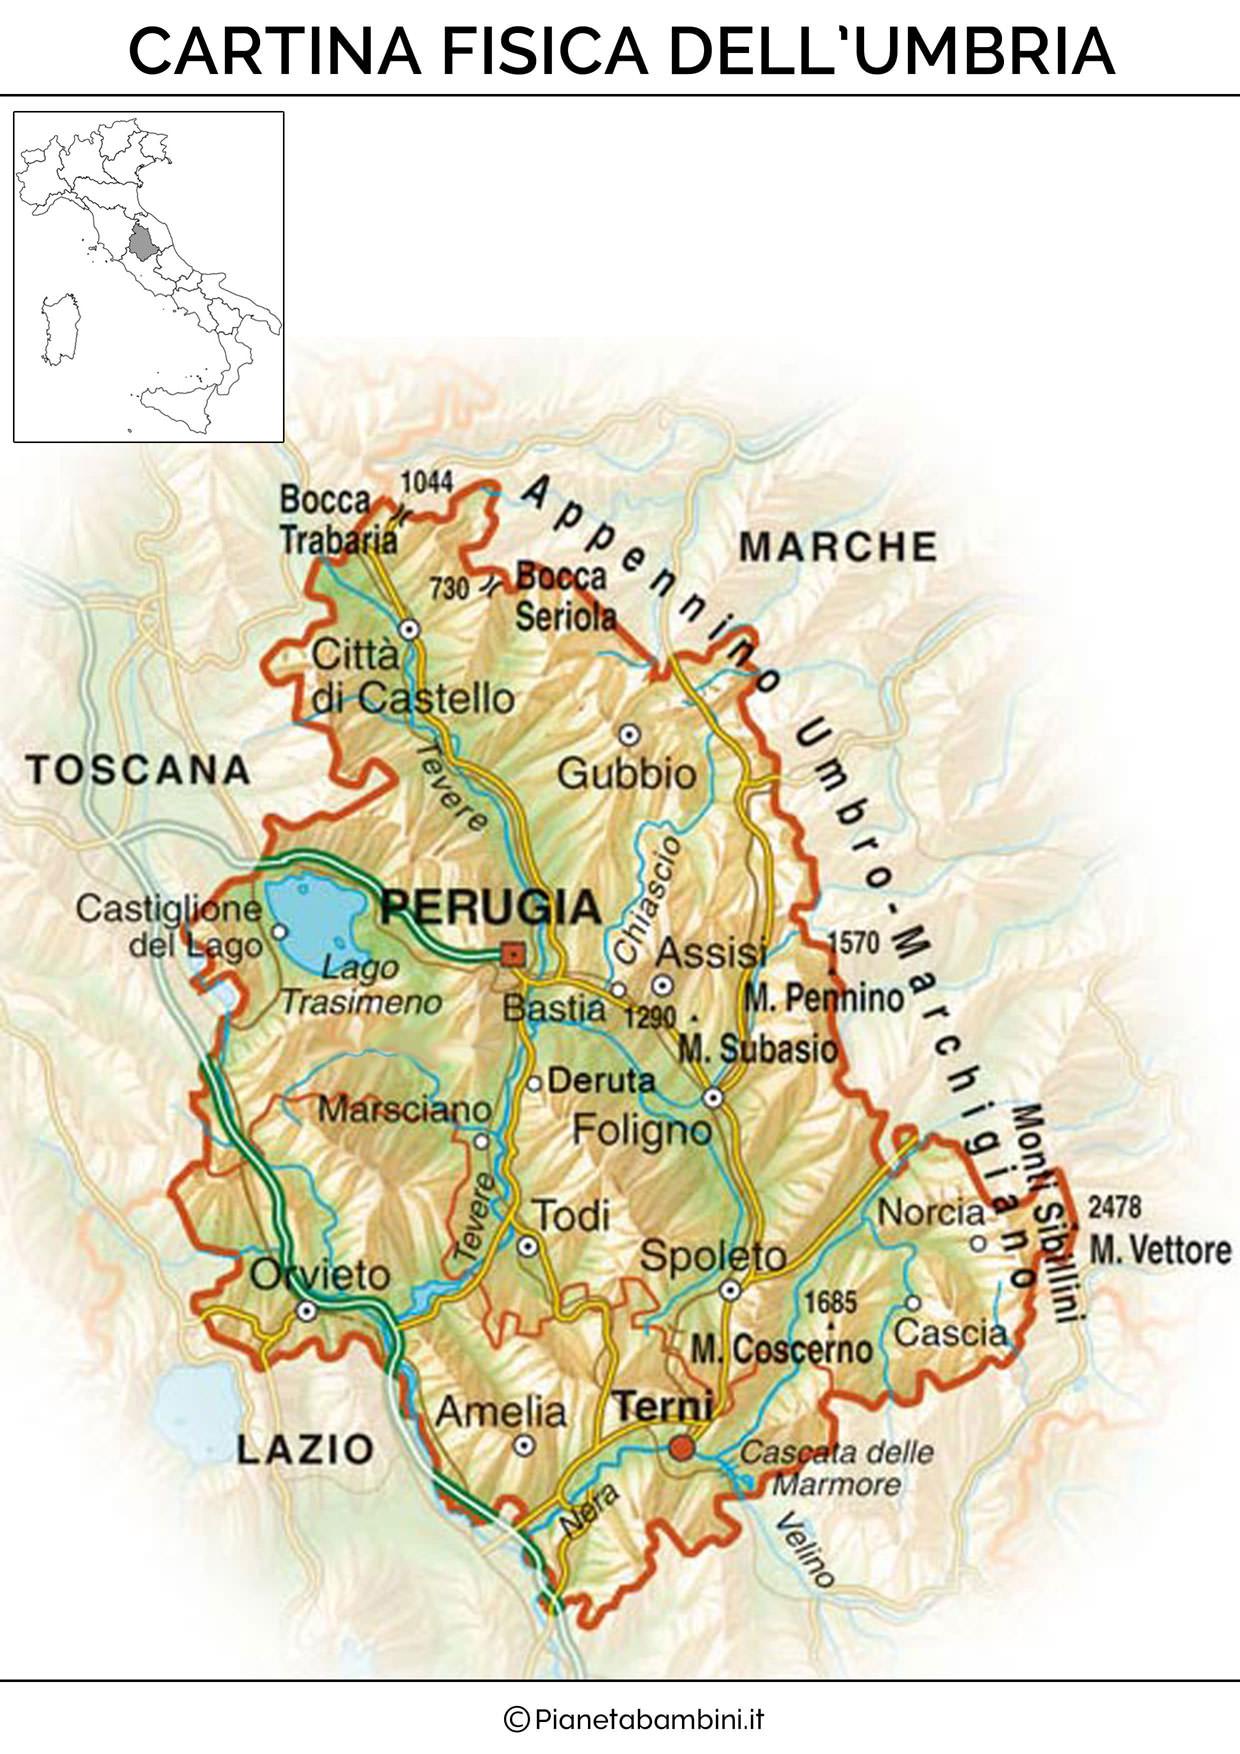 Cartina dell'Umbria in versione fisica da stampare gratis